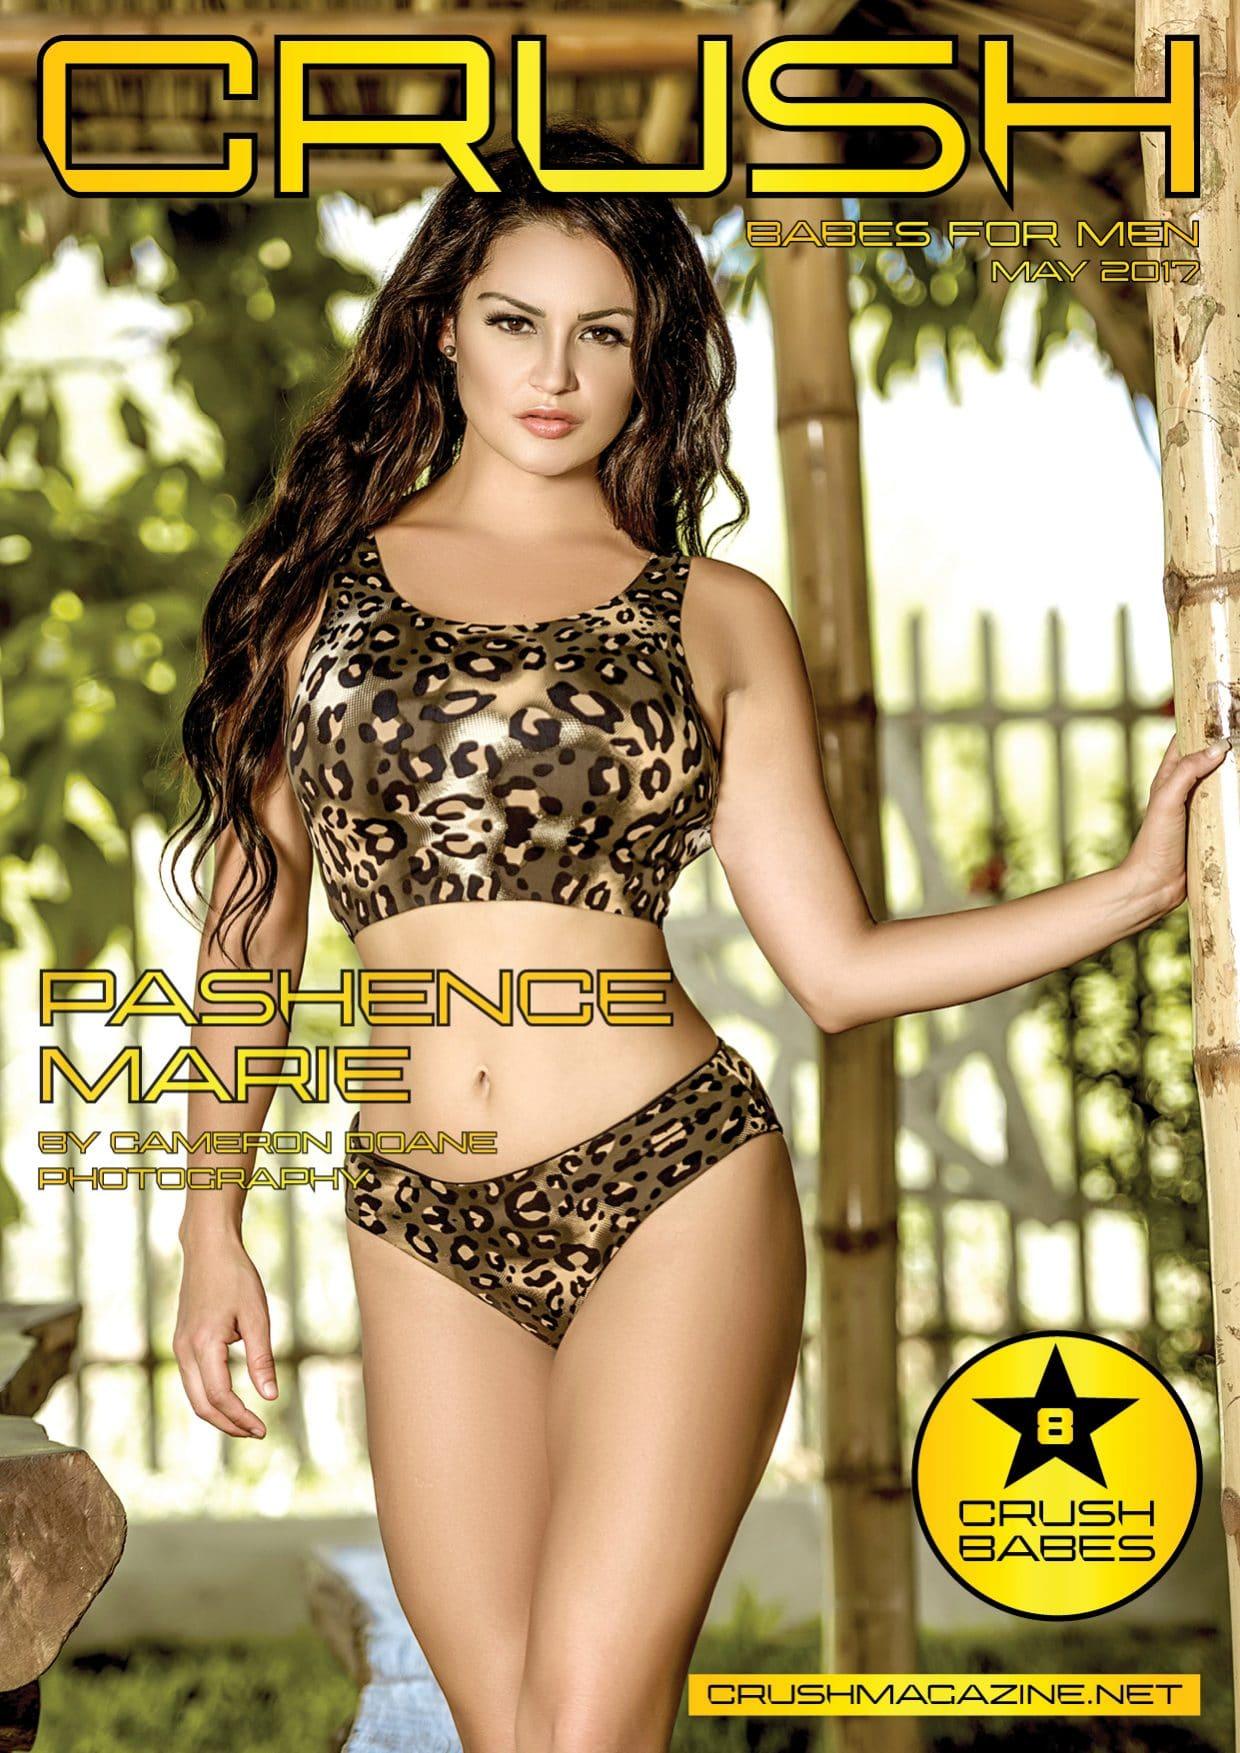 Crush Magazine - May 2017 - Pashence Marie 1